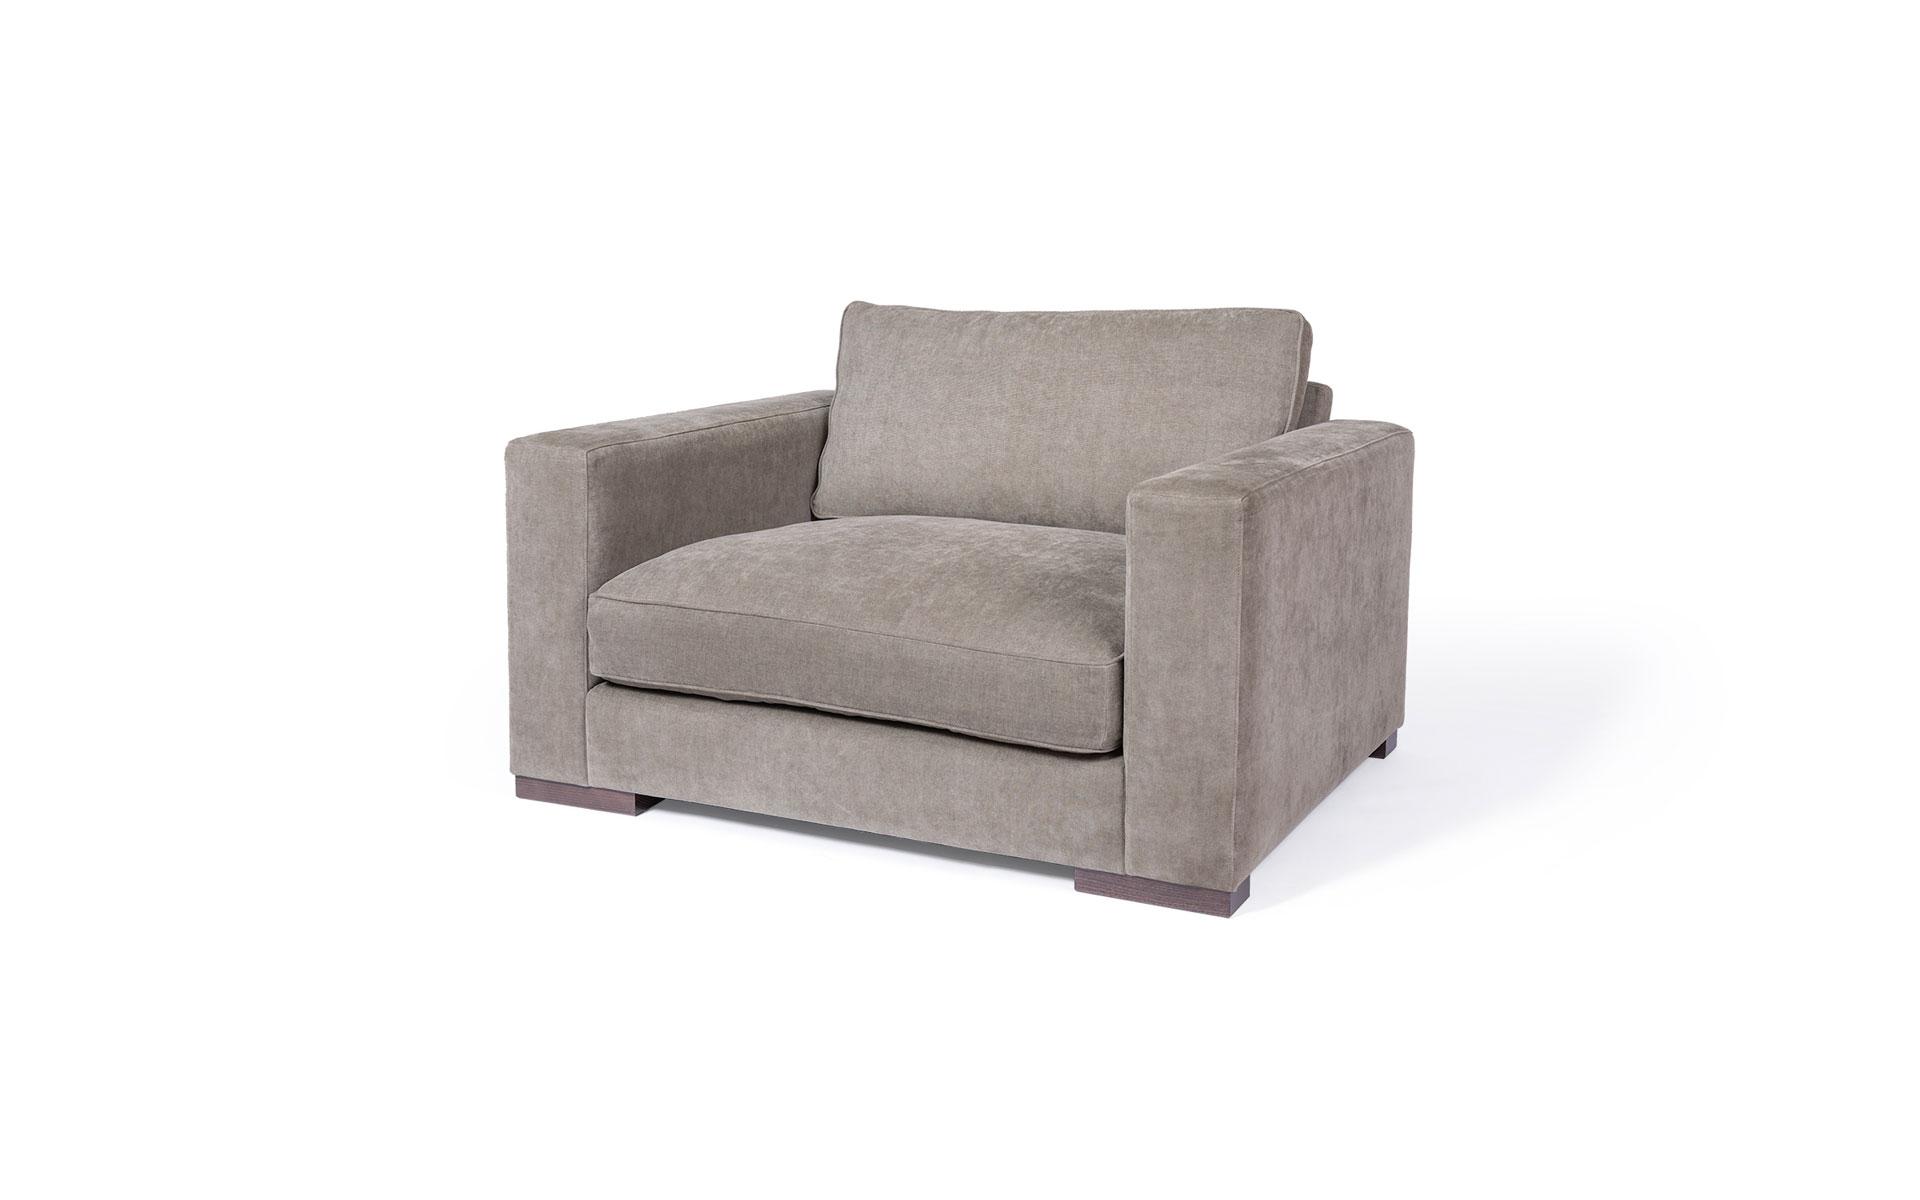 Canap loft de ralph m raphaele meubles for M meuble canape